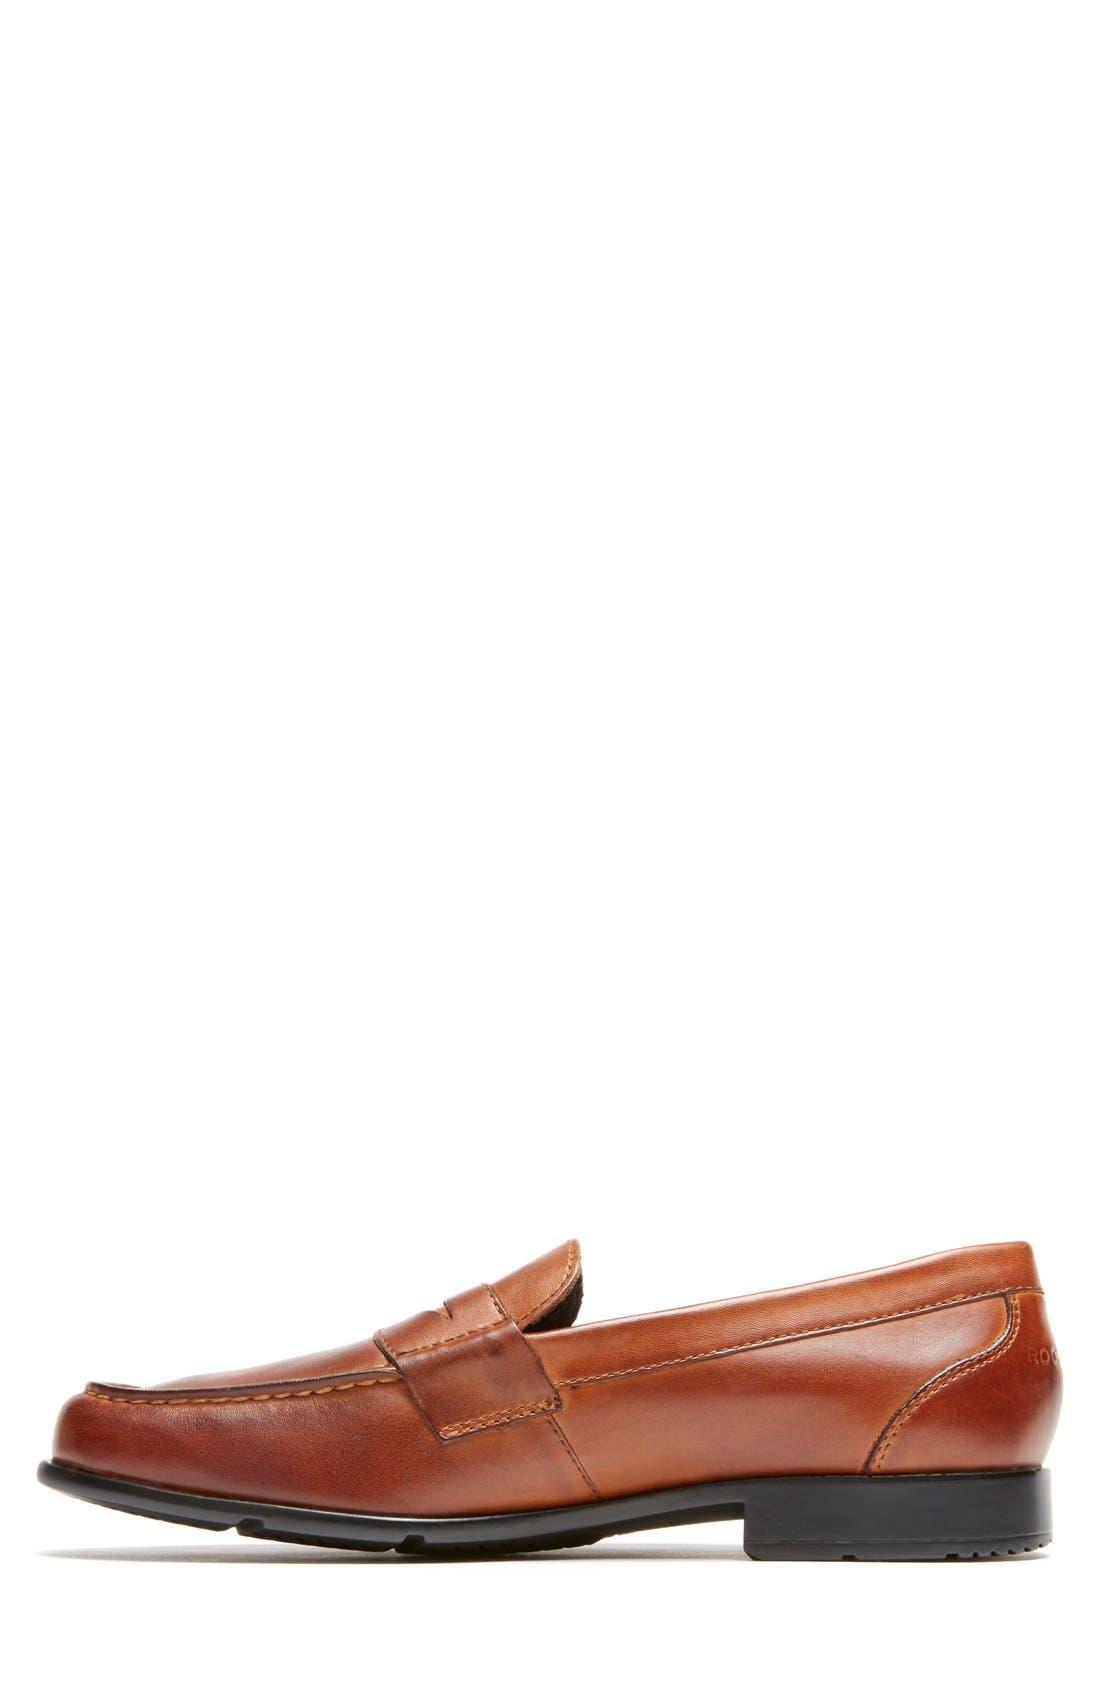 Alternate Image 2  - Rockport Leather Penny Loafer (Men)